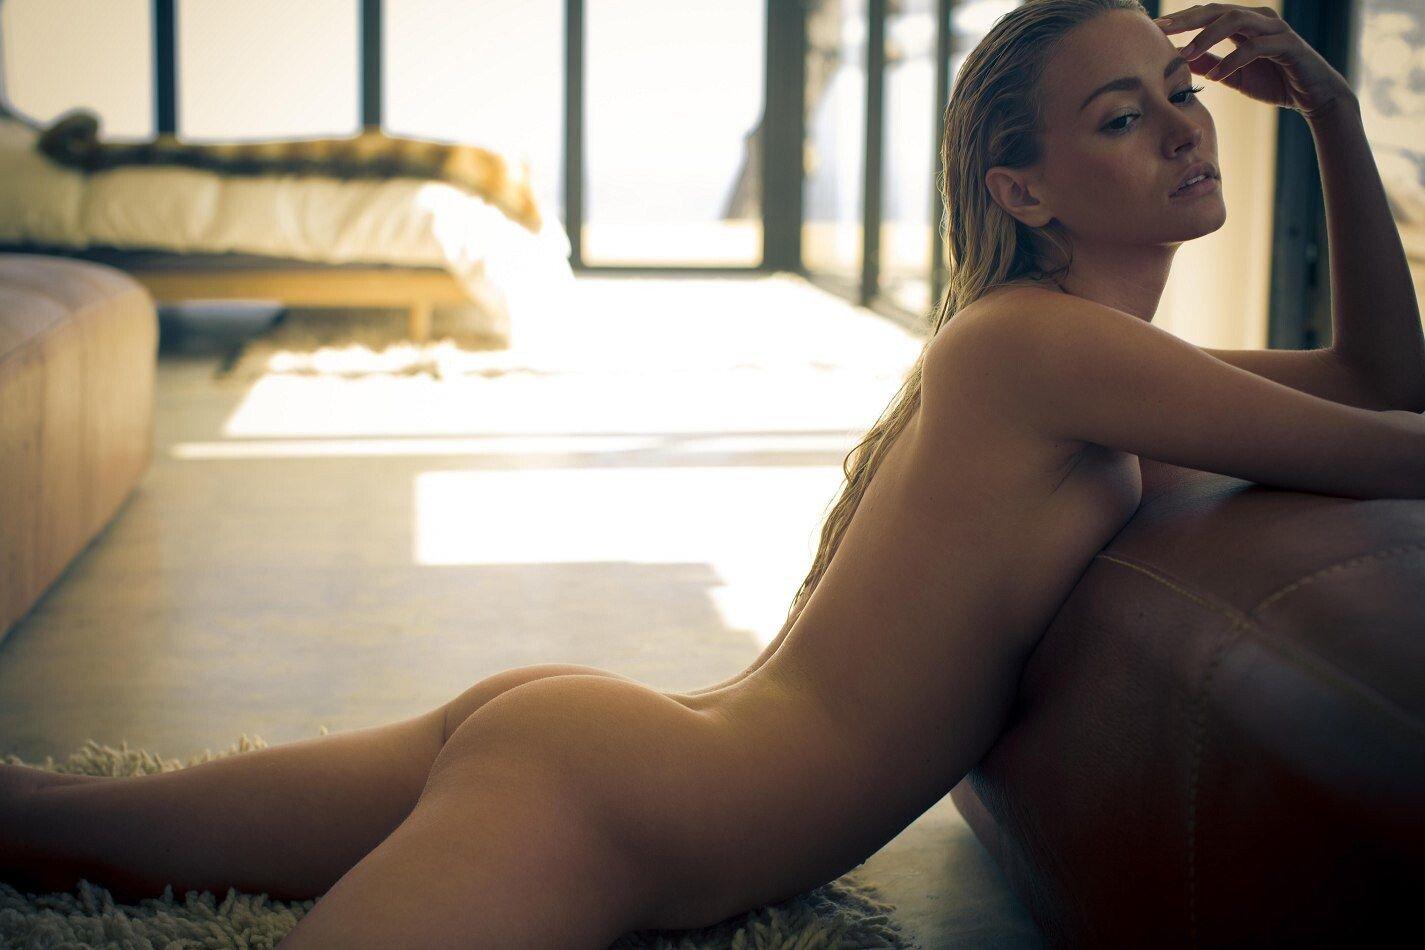 Galery Porn Bryana Holly Bezlaj HD